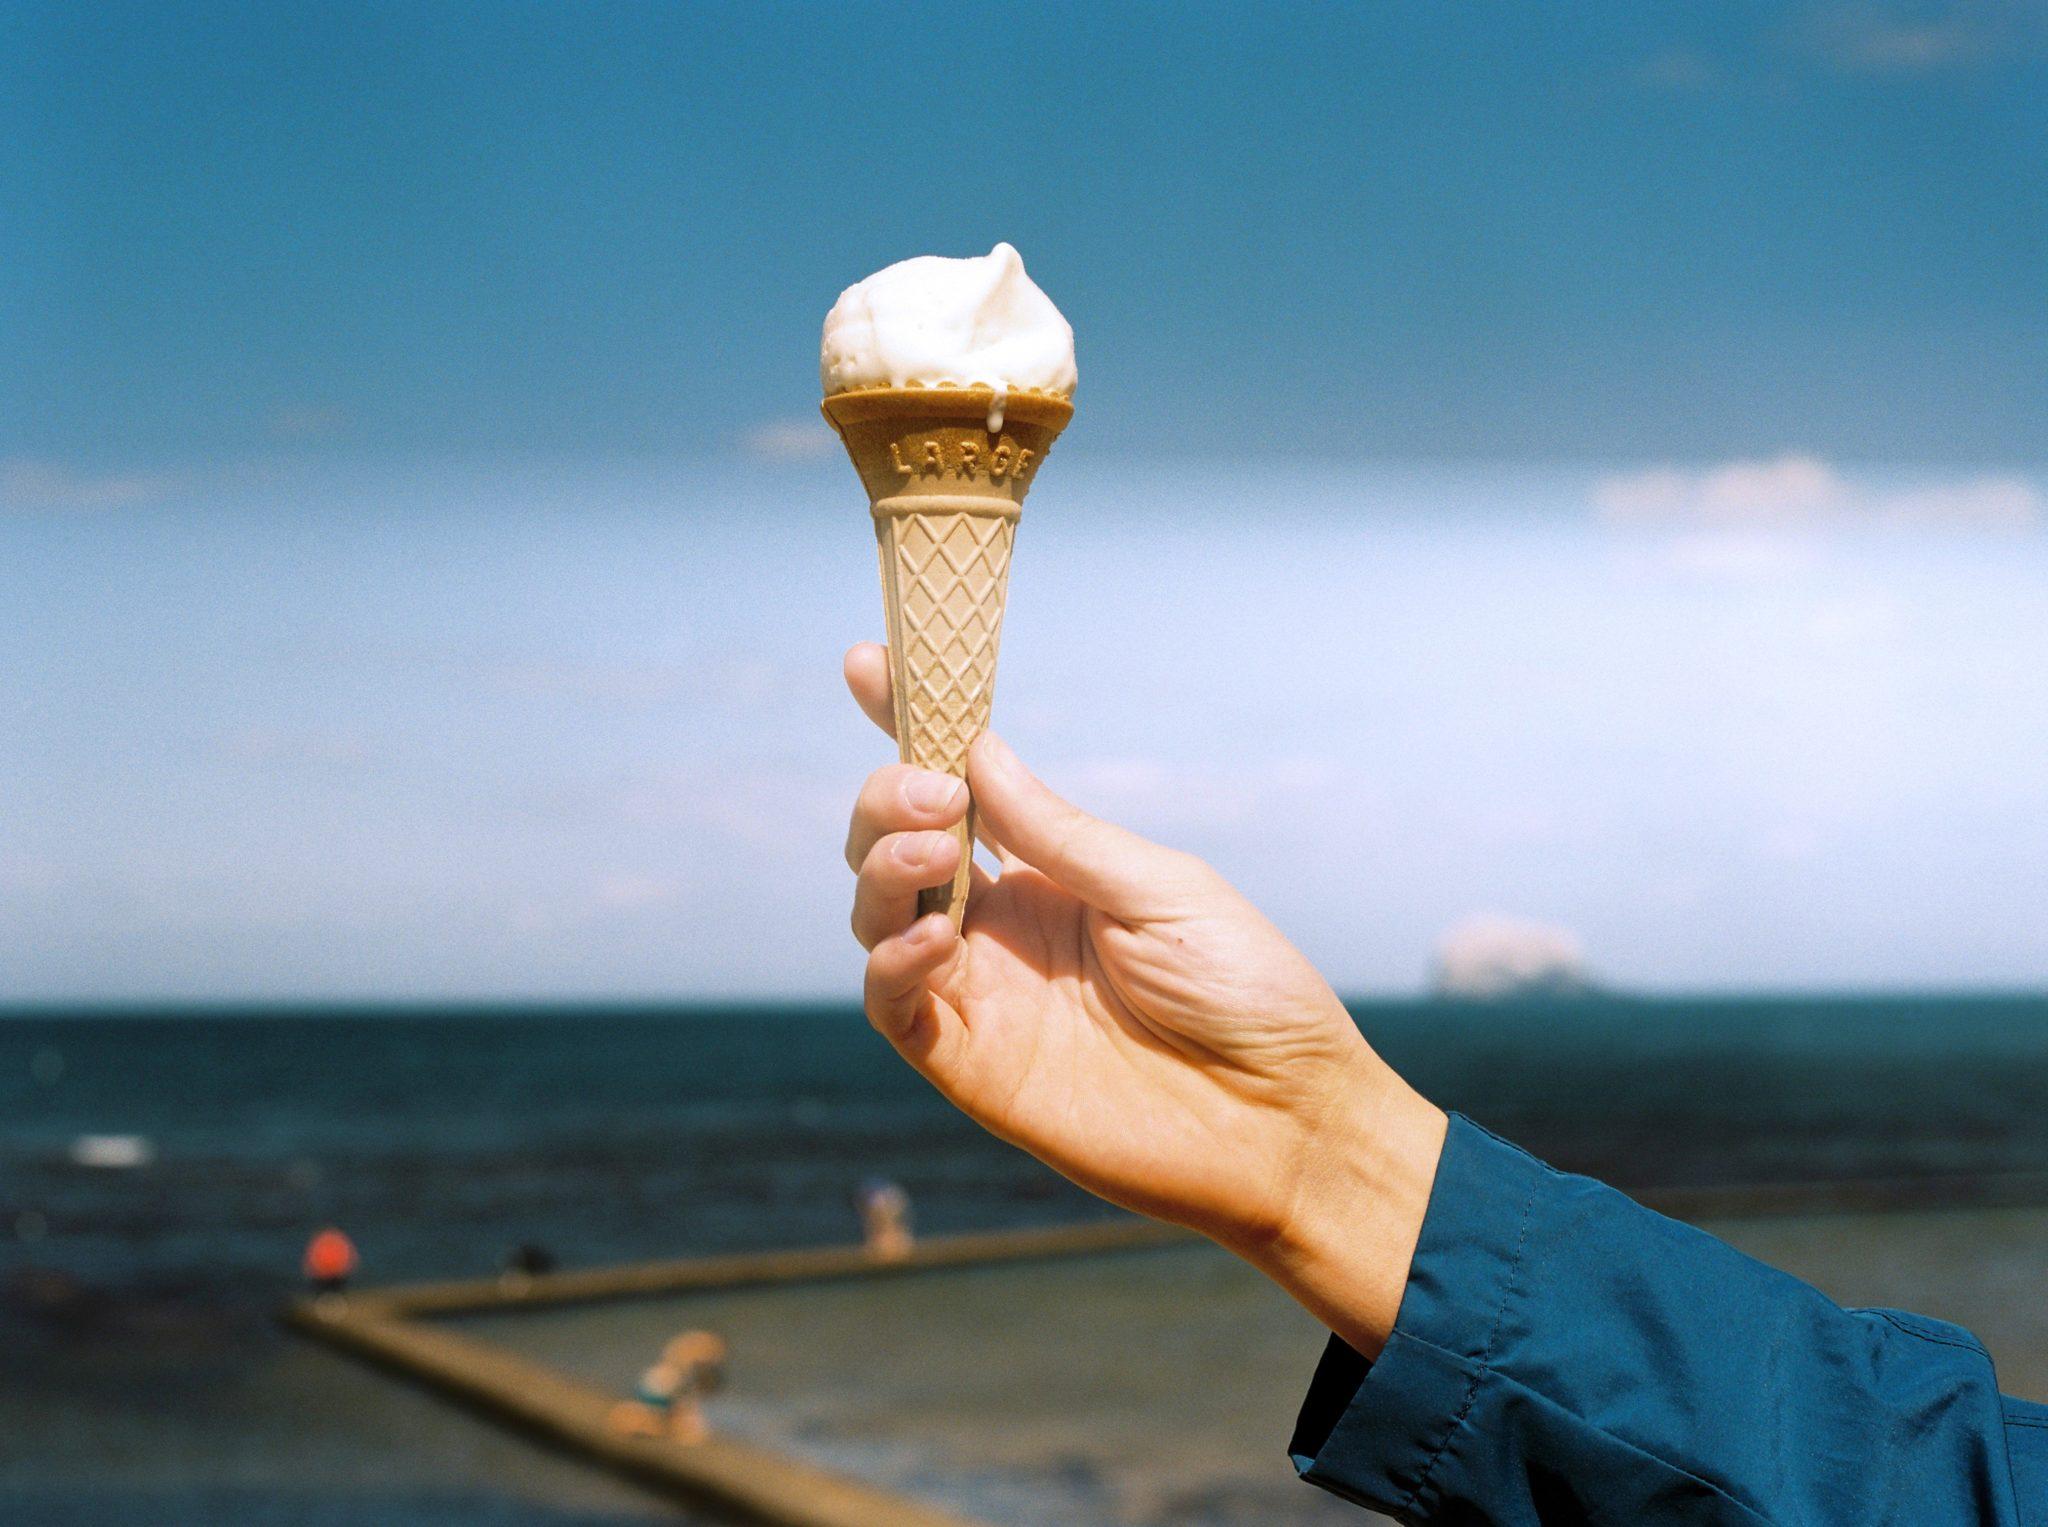 Un gelato dopo l'allenamento è un ottimo integratore